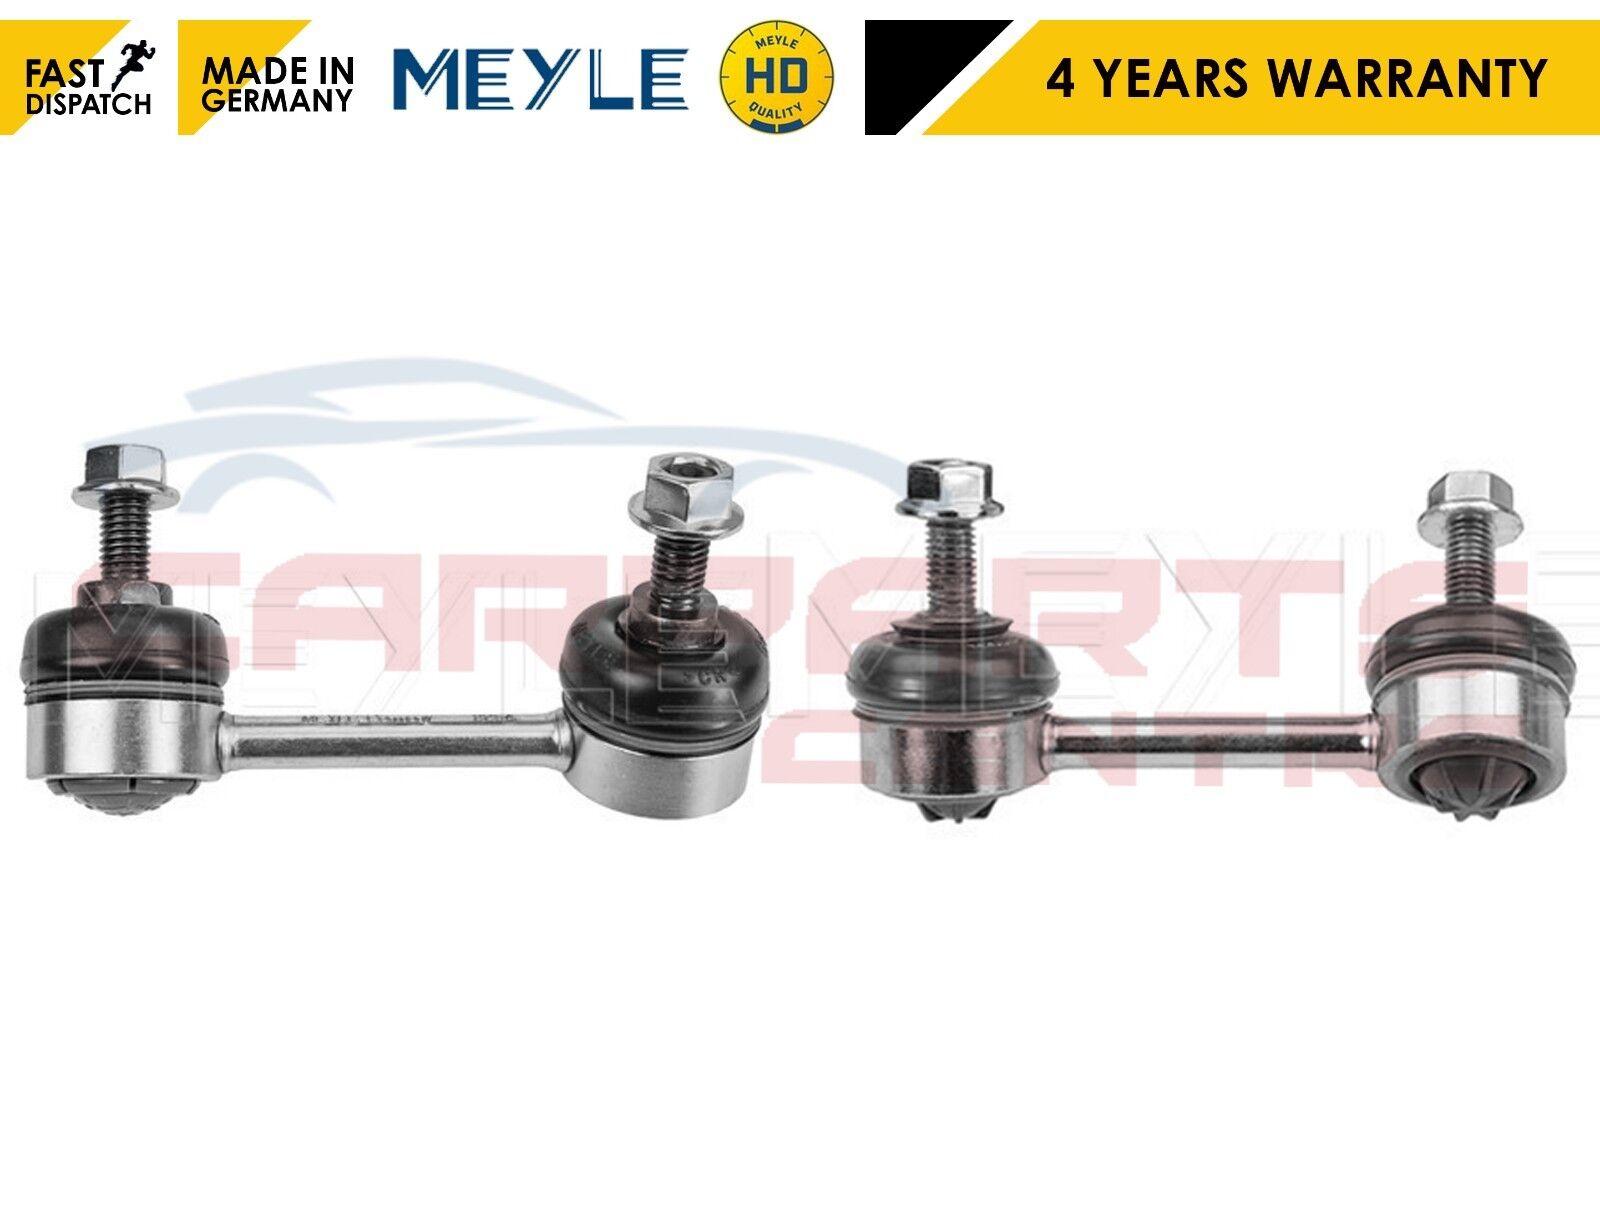 MEYLE Rod//Strut stabiliser HD QUALITY 30-16 060 0029//HD